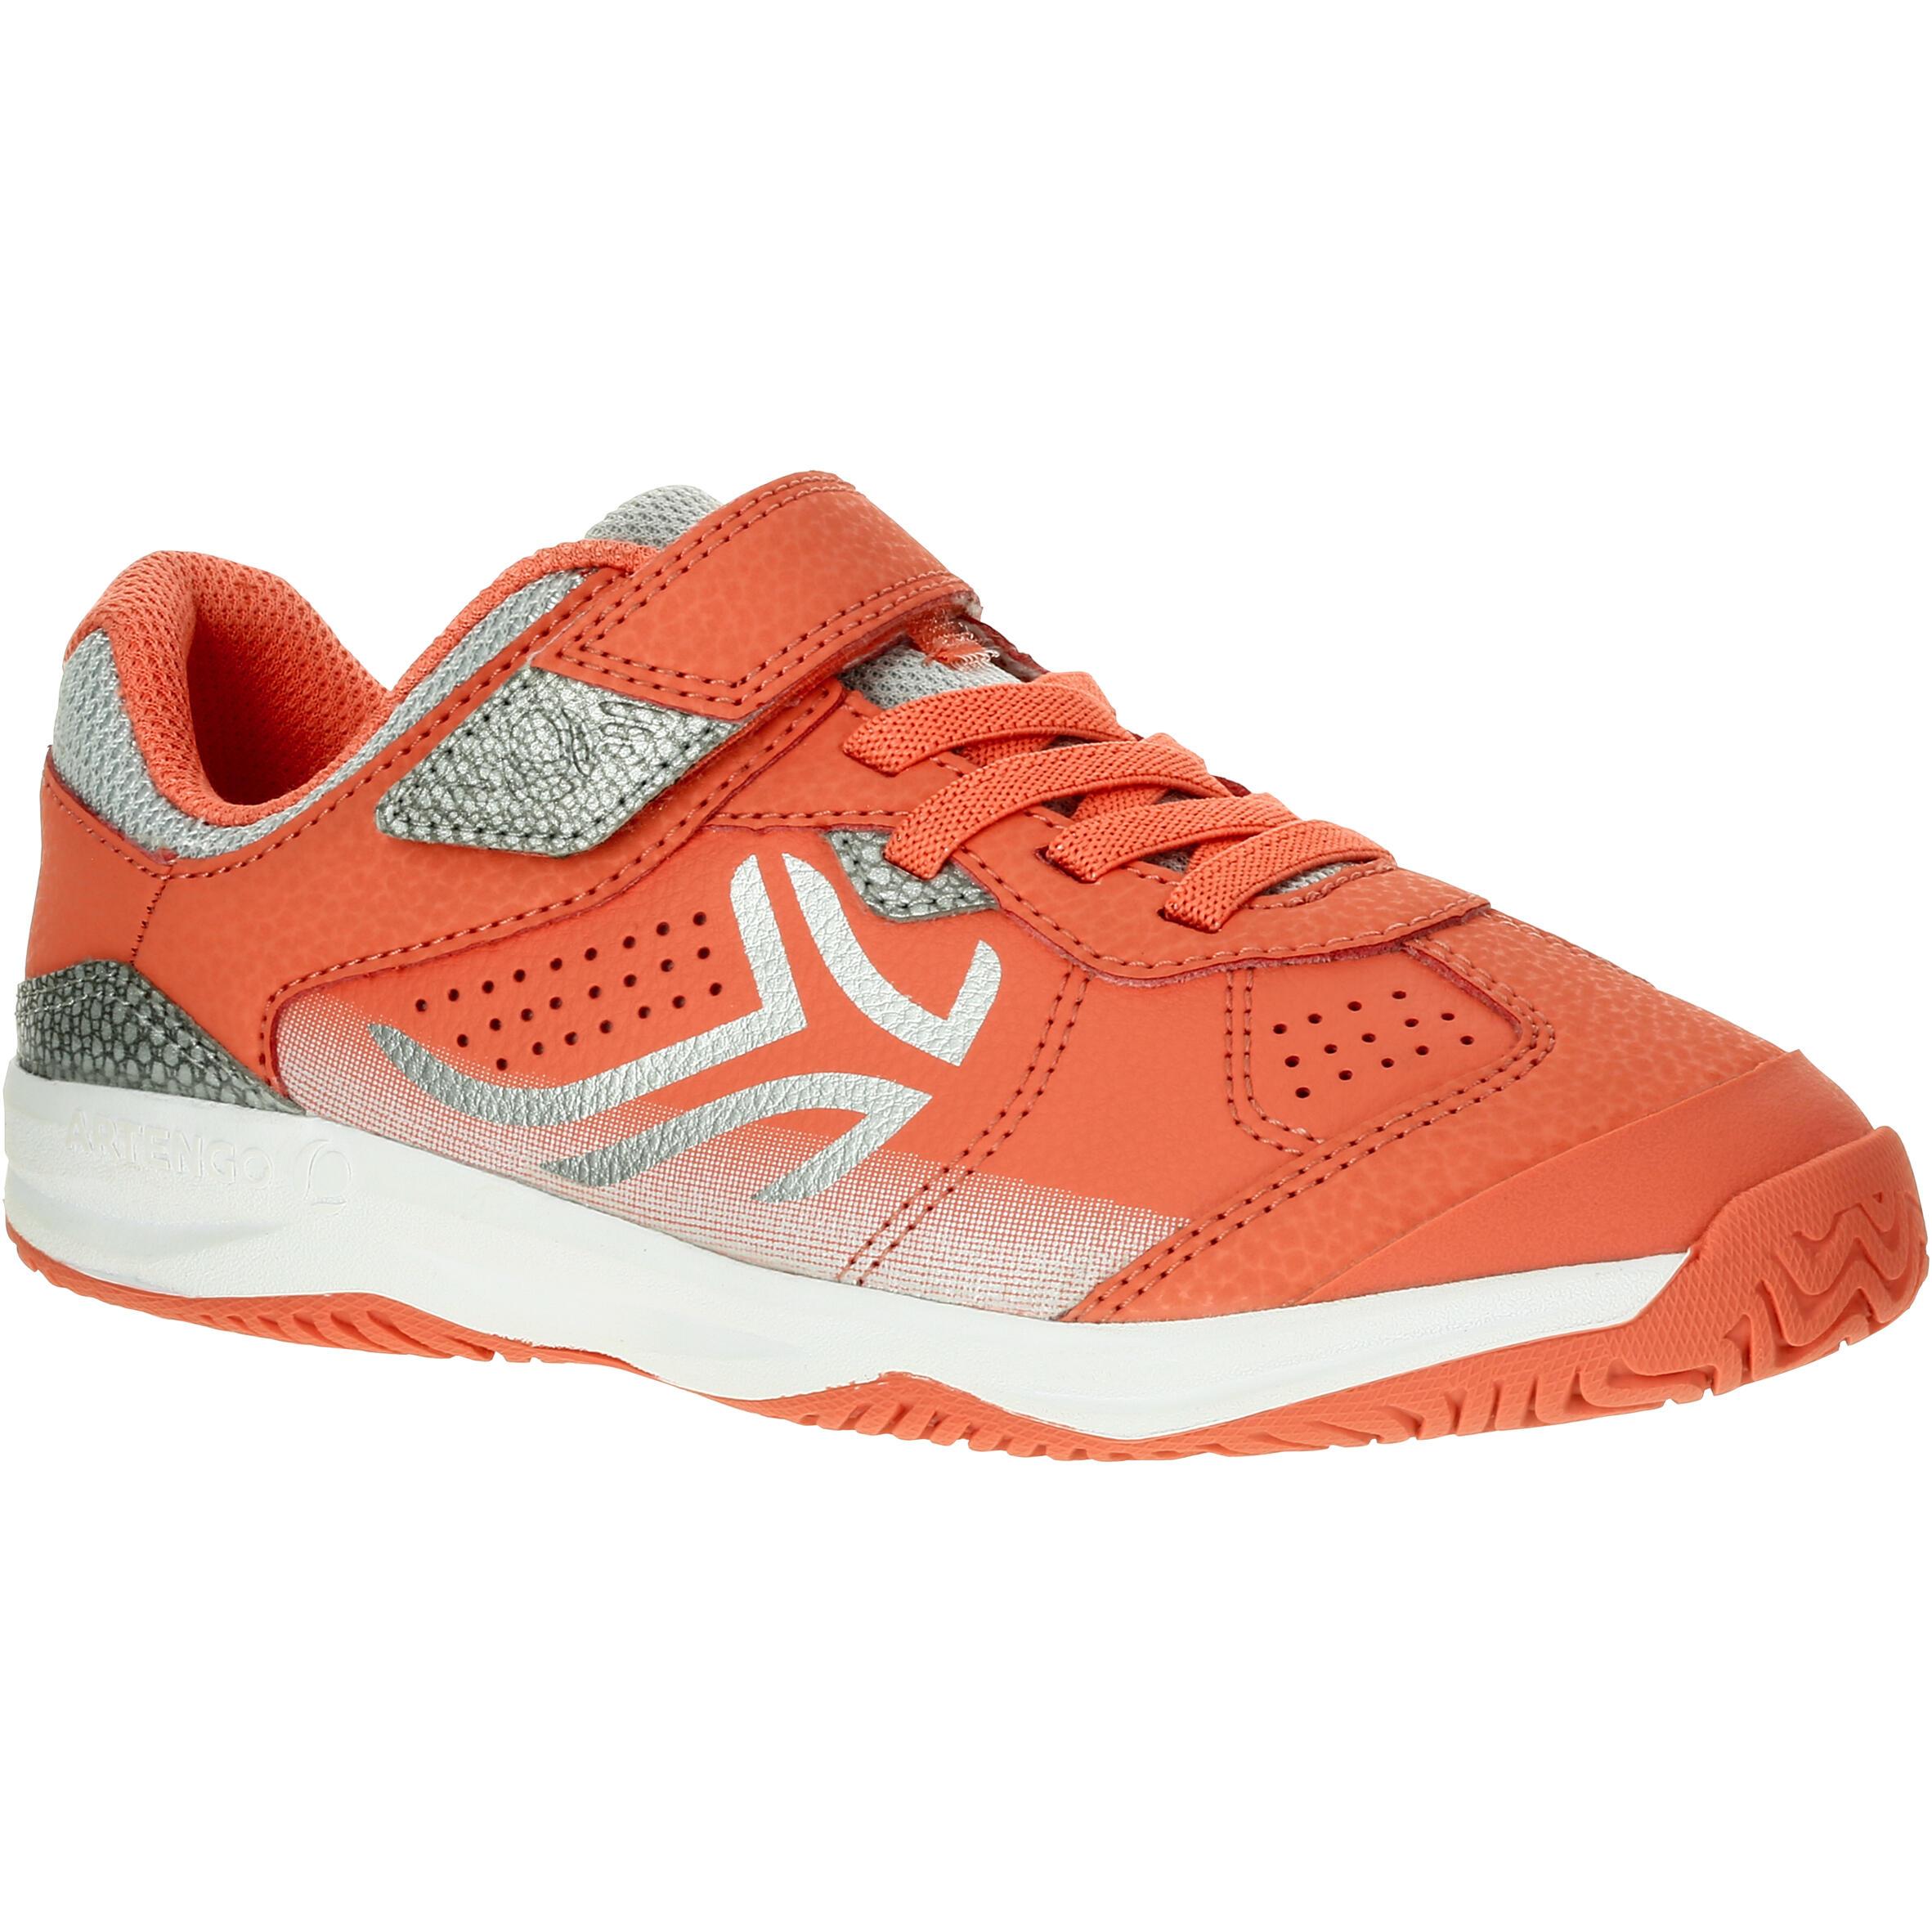 9fc30ec32249d Chaussures De Decathlon De Enfant Tennis Chaussures HxddwqBa